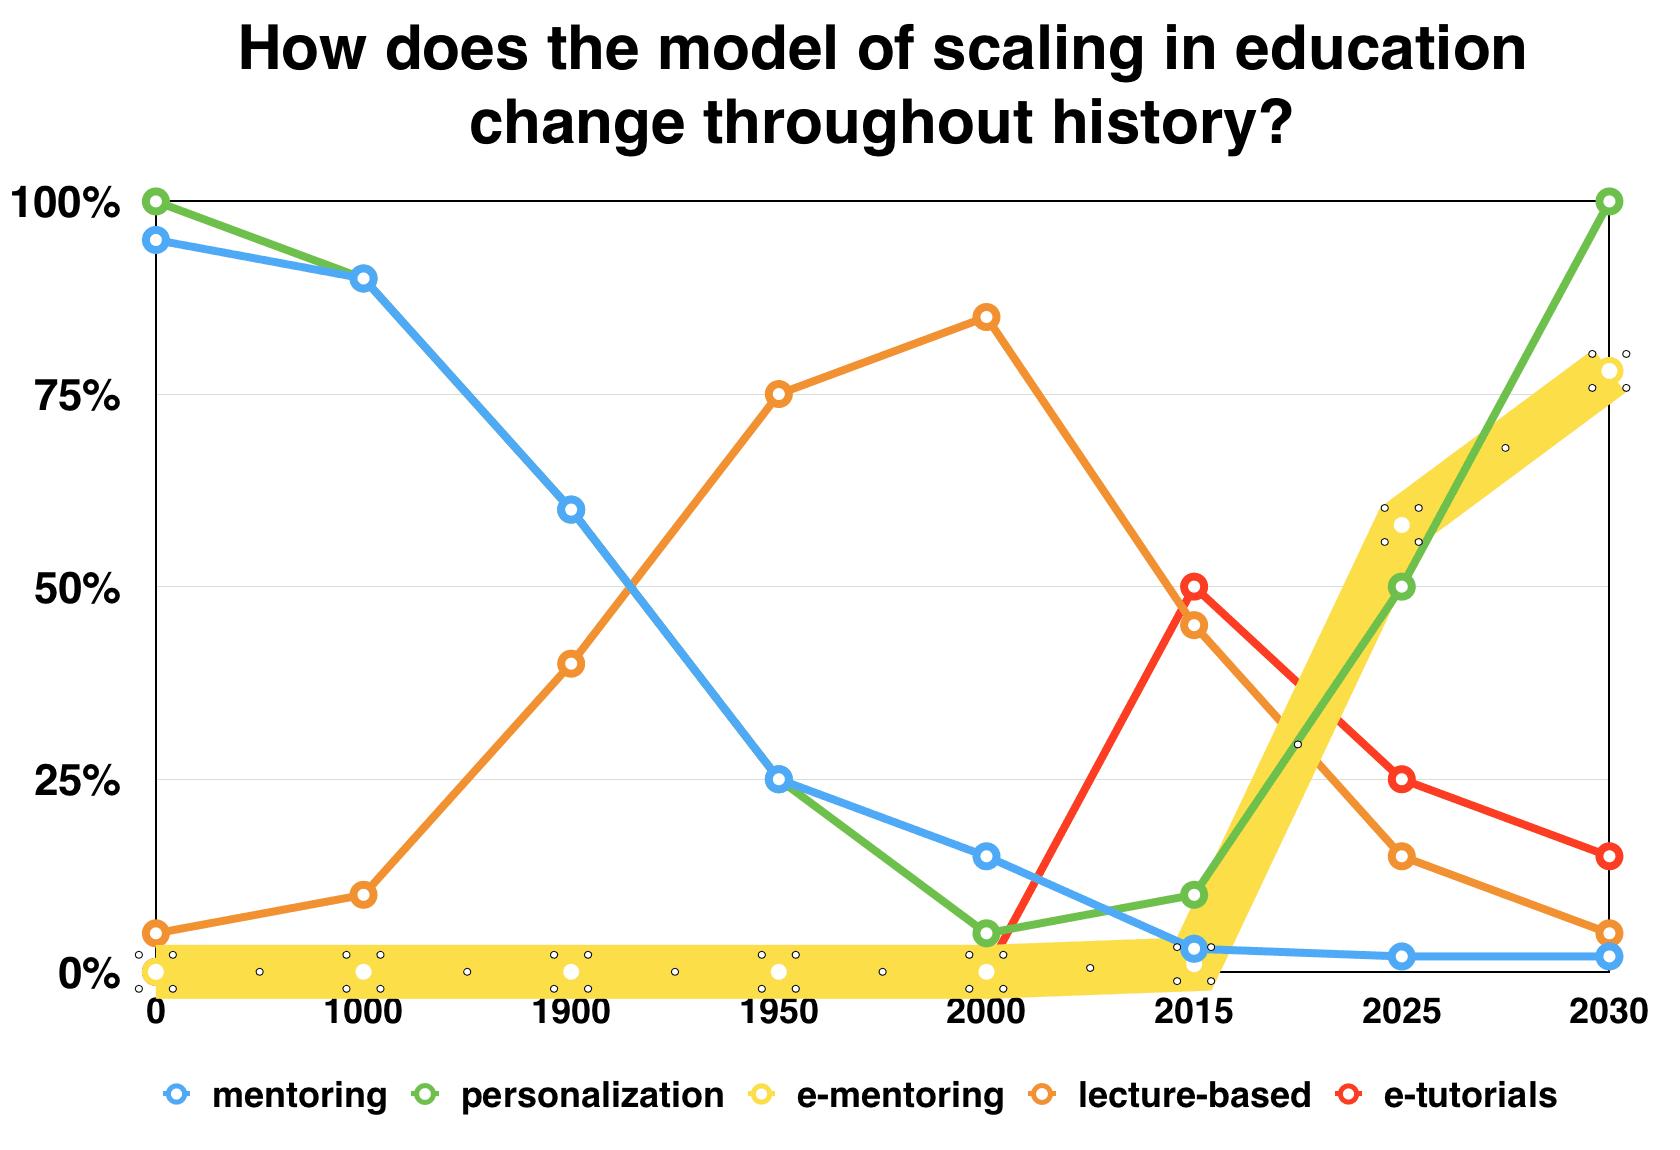 Образование в будущем будет дистанционным